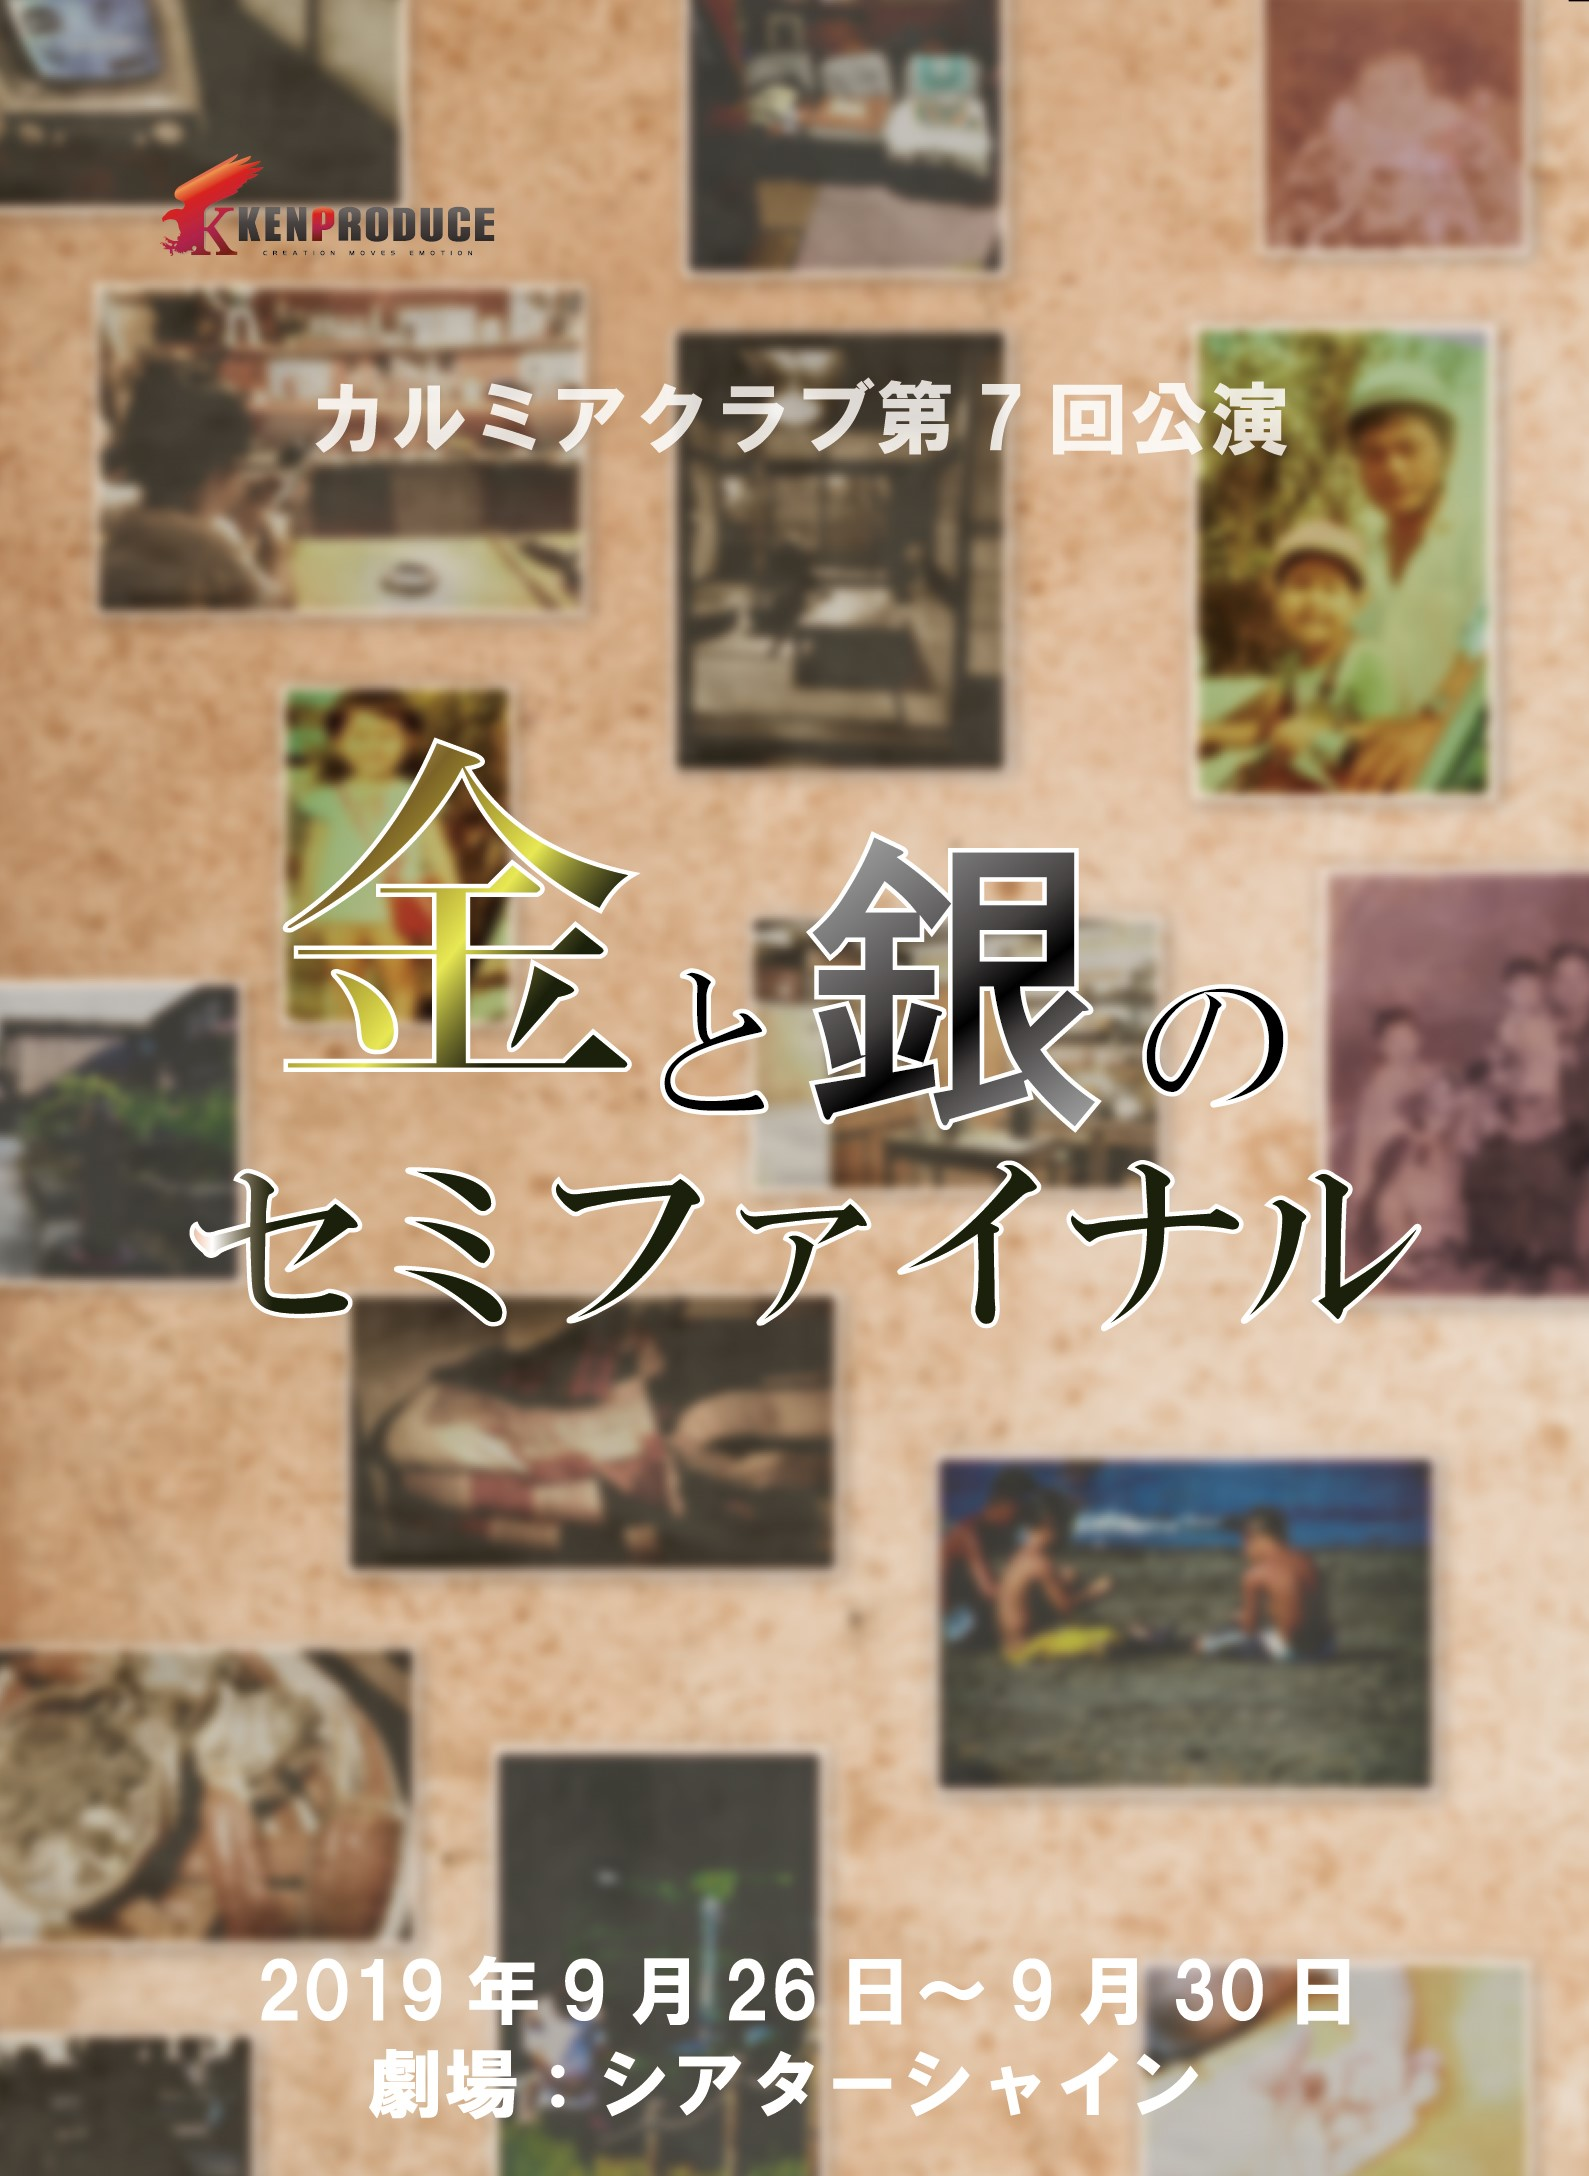 カルミアクラブ第7回公演『金と銀のセミファイナル』 カルミアBlu-ray